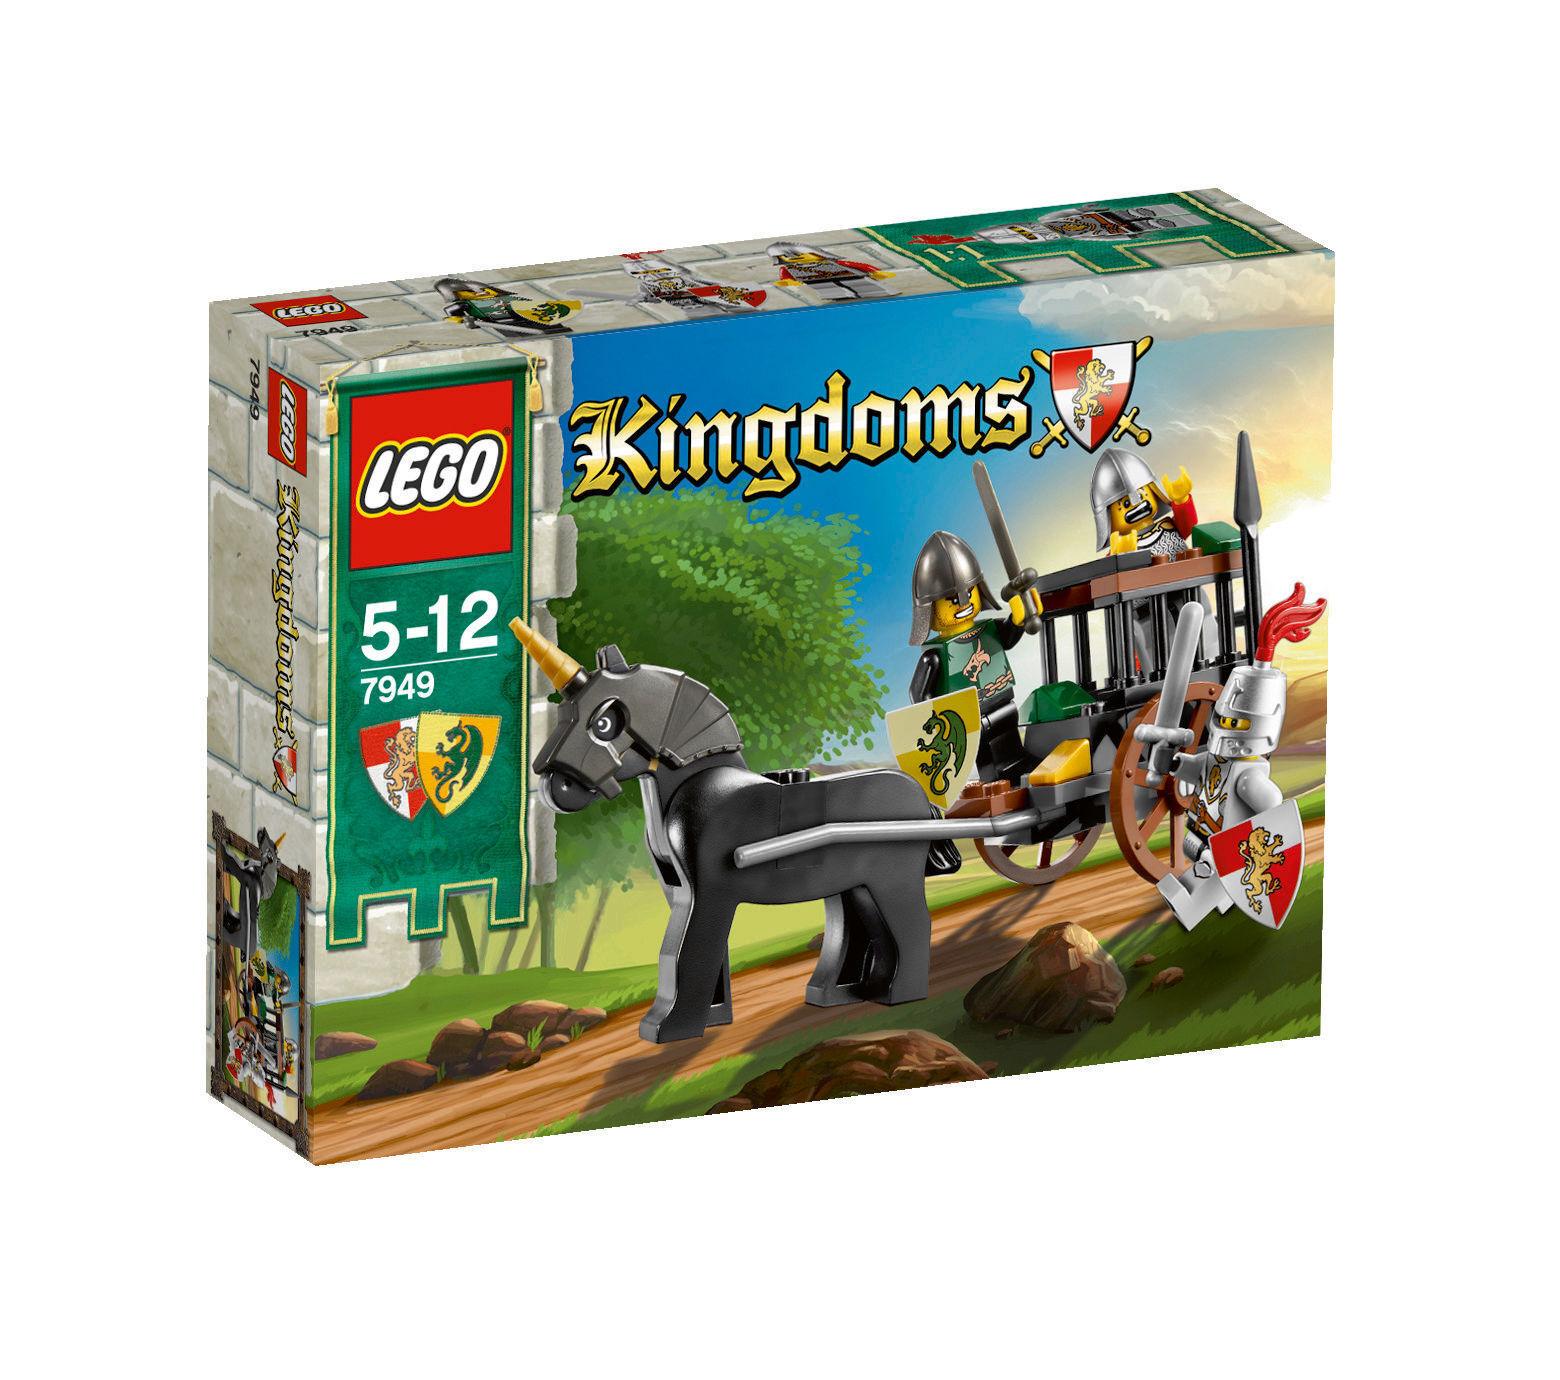 LEGO ® 7949 Kingdoms libération de la prison carrosse Nouveau neuf dans sa boîte _ NEW En parfait état, dans sa boîte scellée Boîte d'origine jamais ouverte